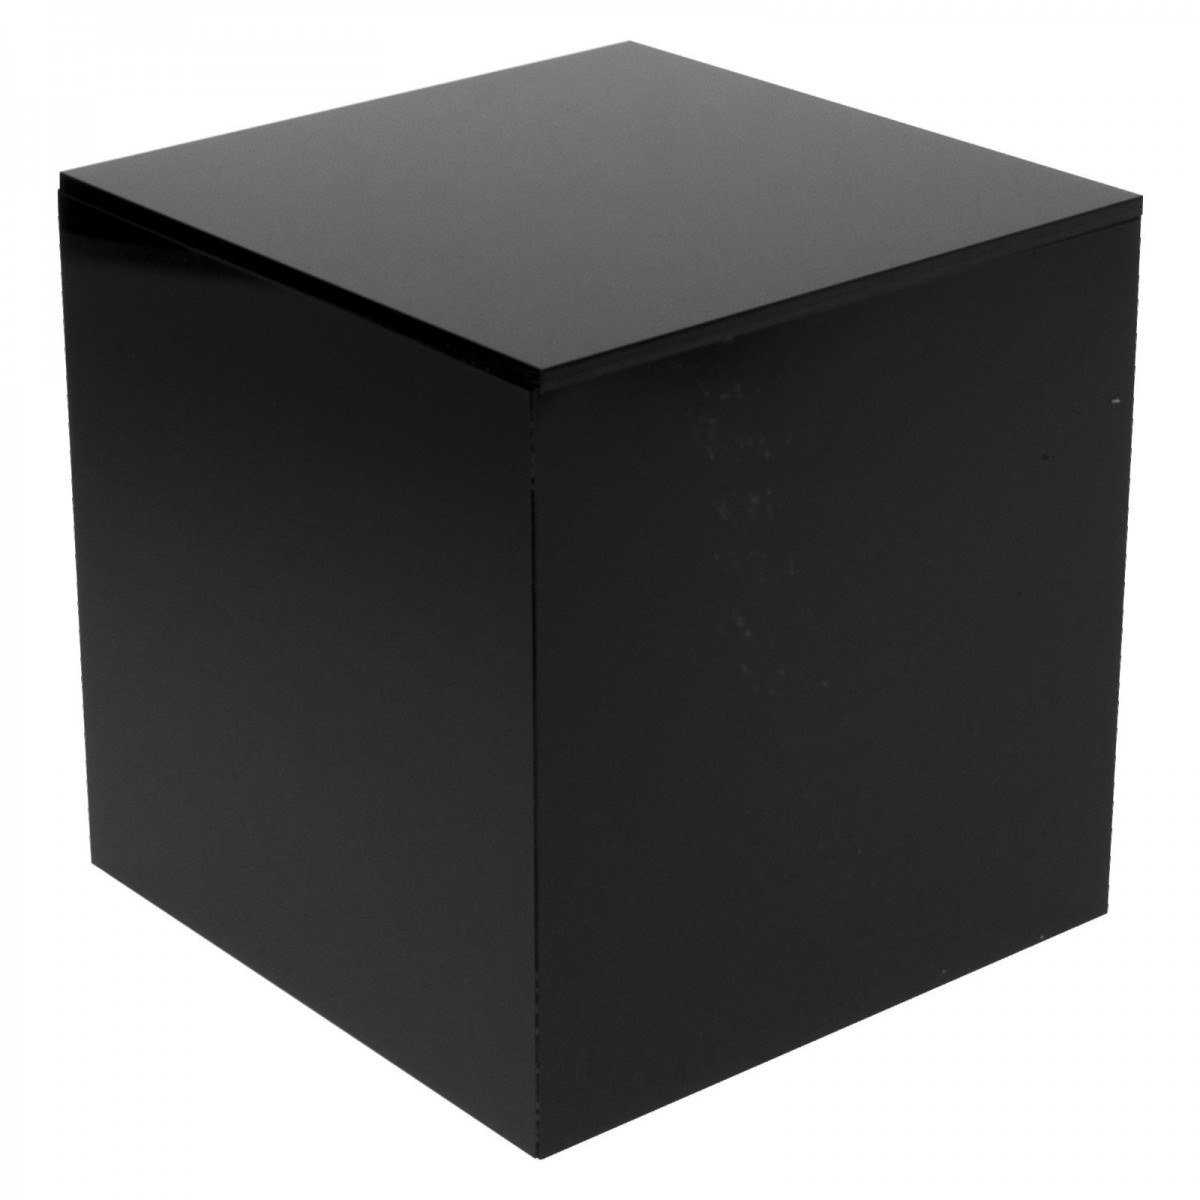 E-334 - Cubo espositore in plexiglass nero 5 lati chiusi - Spessore 5 mm.